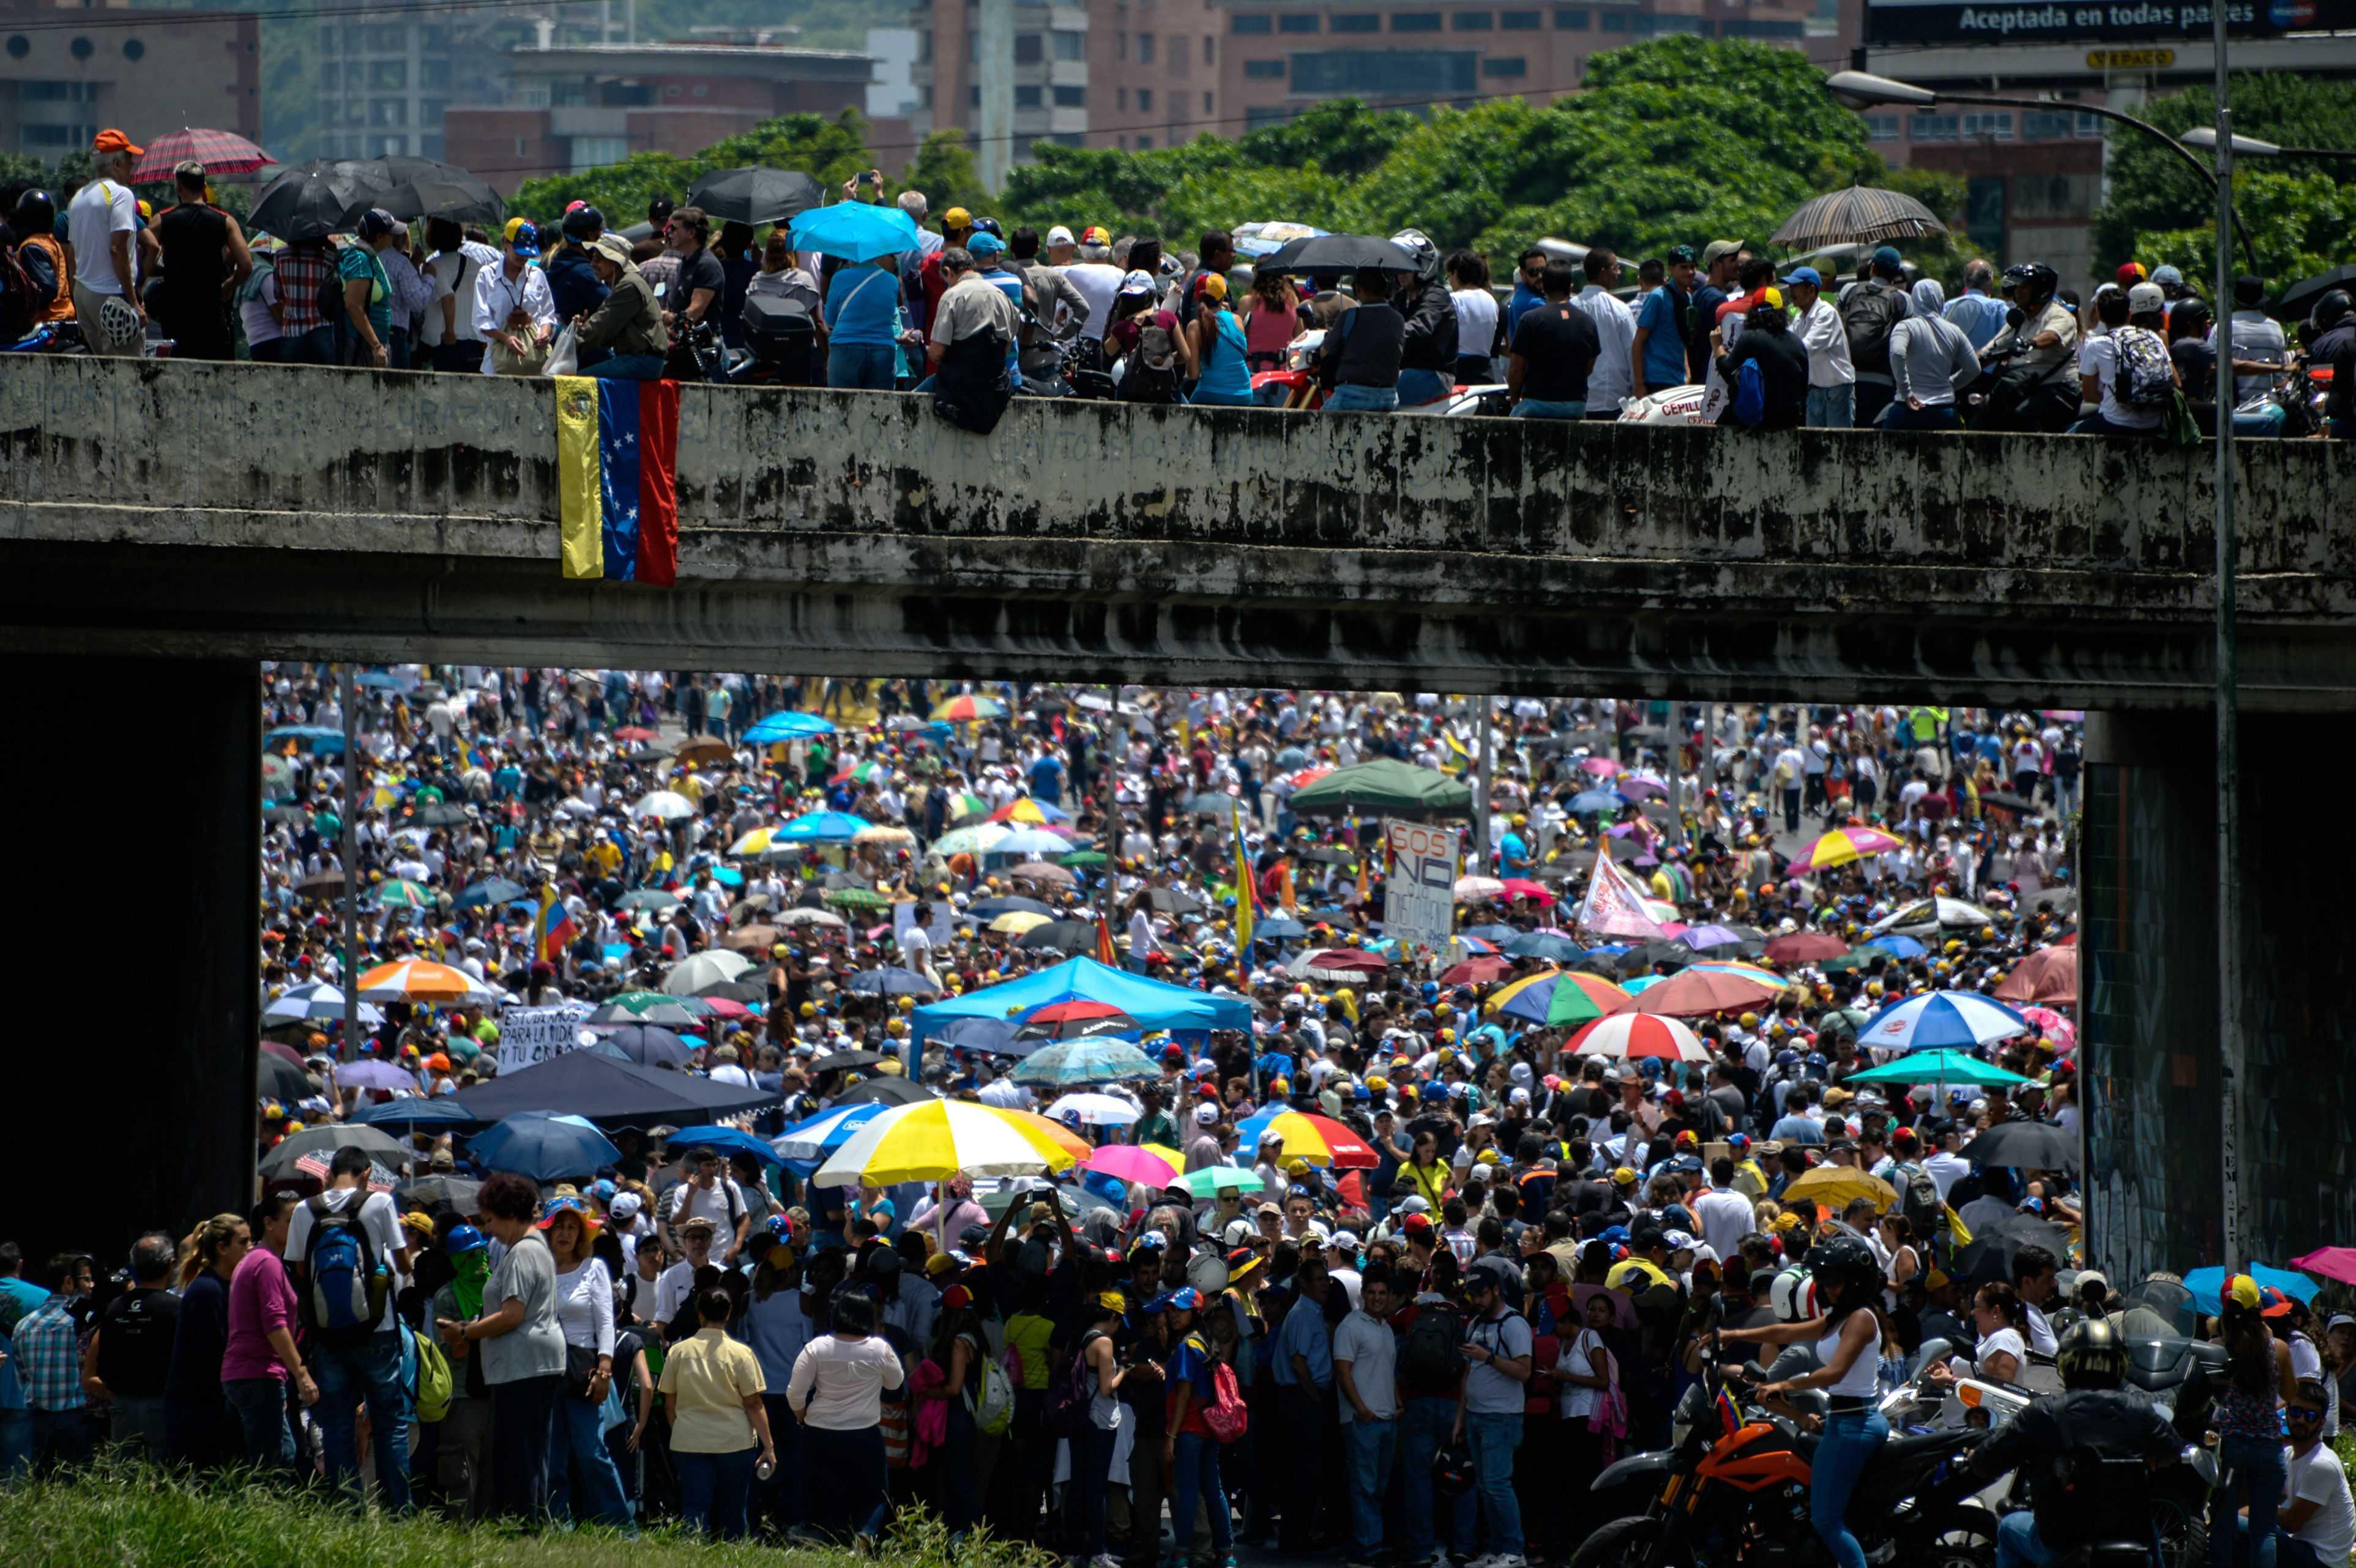 Mueren dos manifestantes y suben a 41 los muertos en protestas en Venezuela